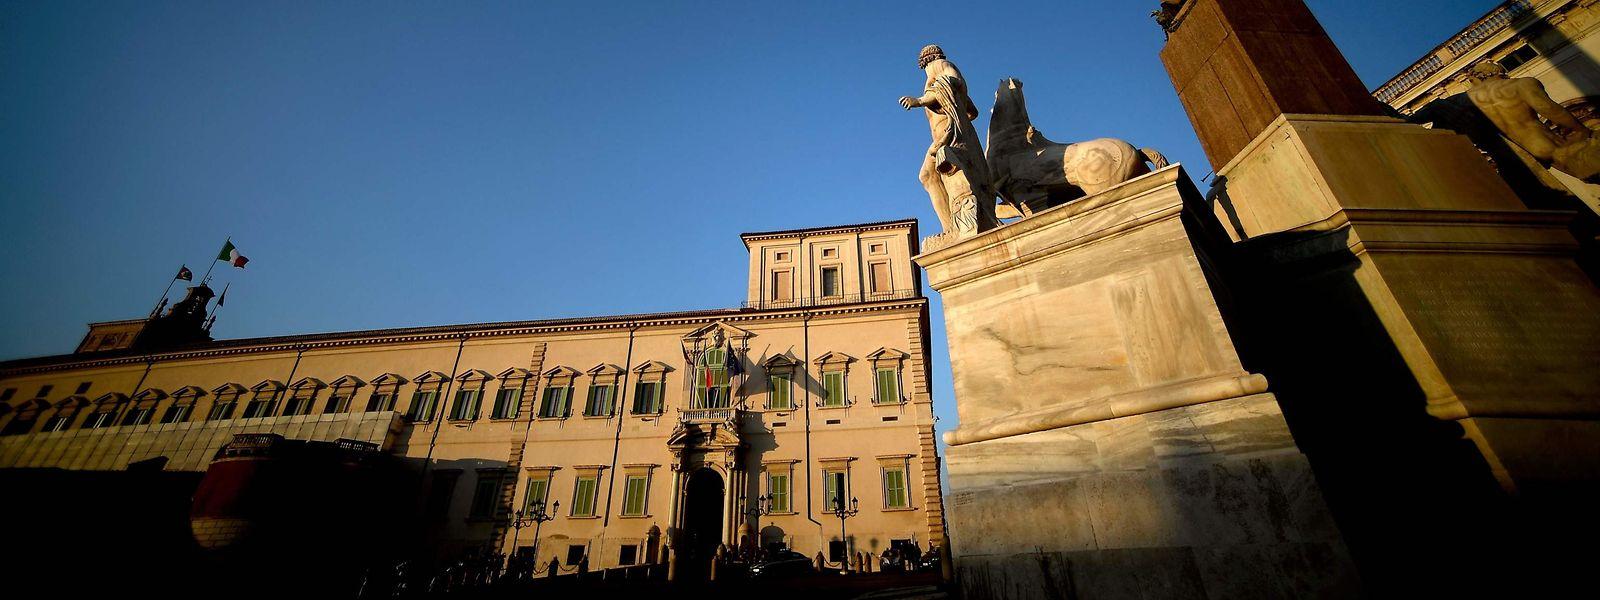 Der Quirinalspalast in Rom, der Dienstsitz des Präsidenten der Italienischen Republik.